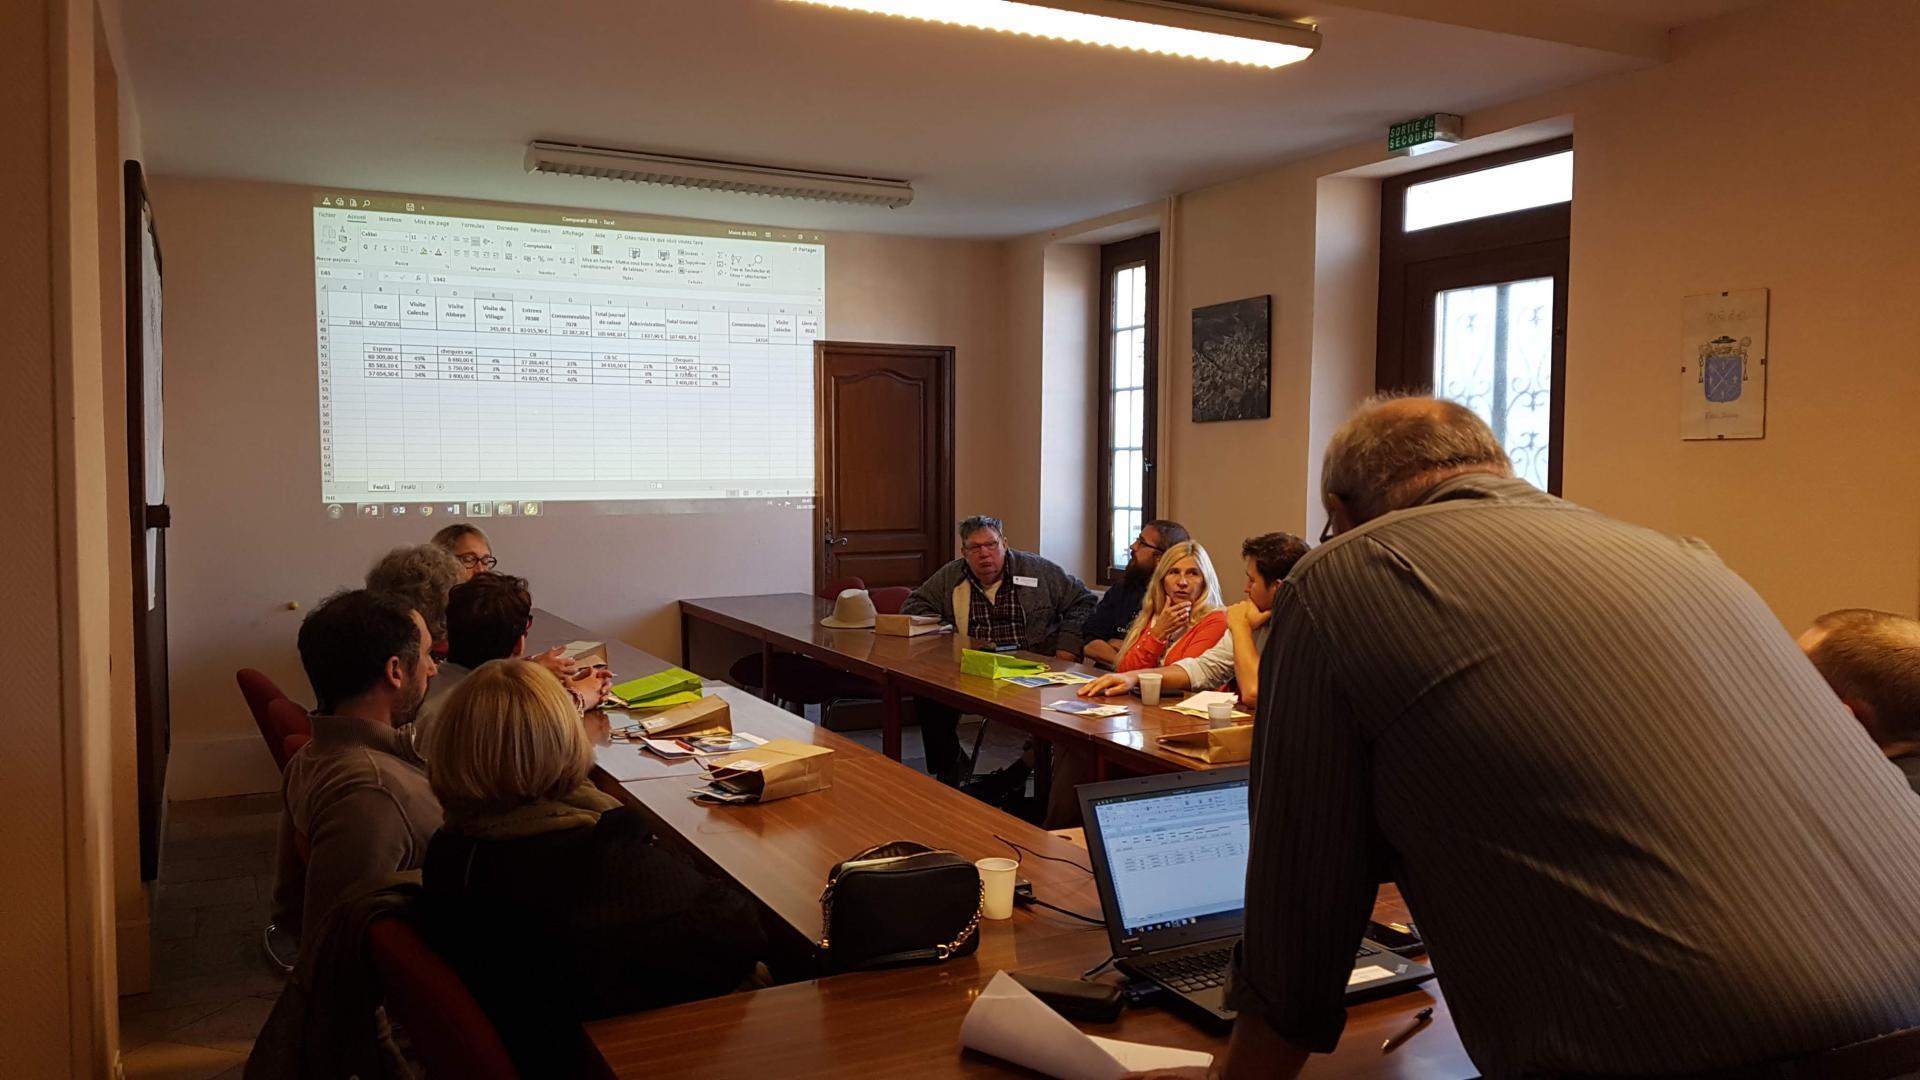 Café d'accueil et présentation des projets de la commune de Bèze